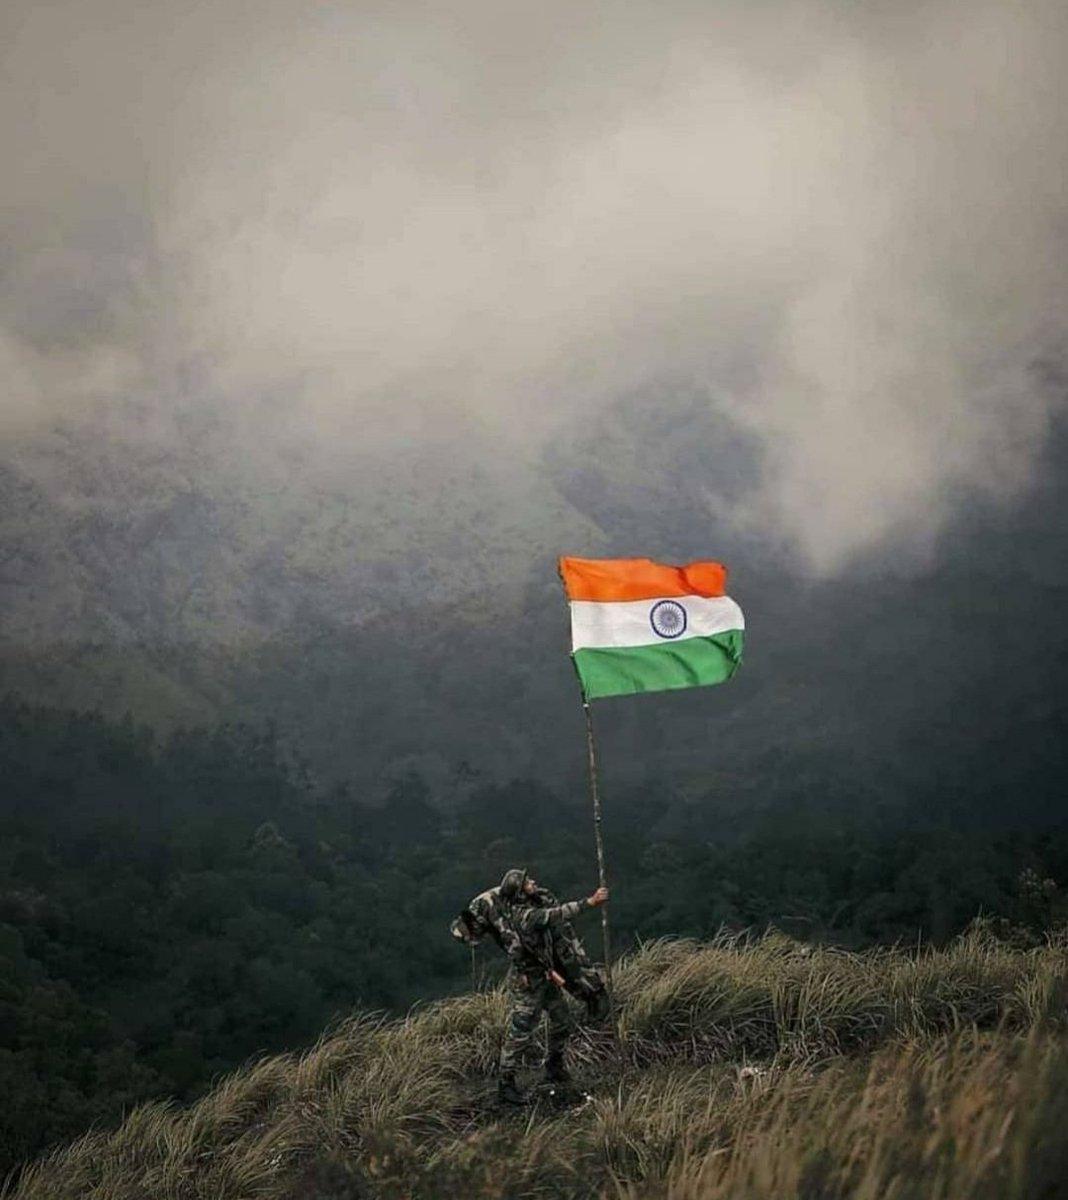 देहाकडून देवाकडे जाताना मध्ये देश लागतो आणि या देशाचे आपण काही देणे लागतो।  #IndiaIndependenceDay #India #राष्ट्र #Tricolour #तिरंगा https://t.co/m8yuGlMdiX